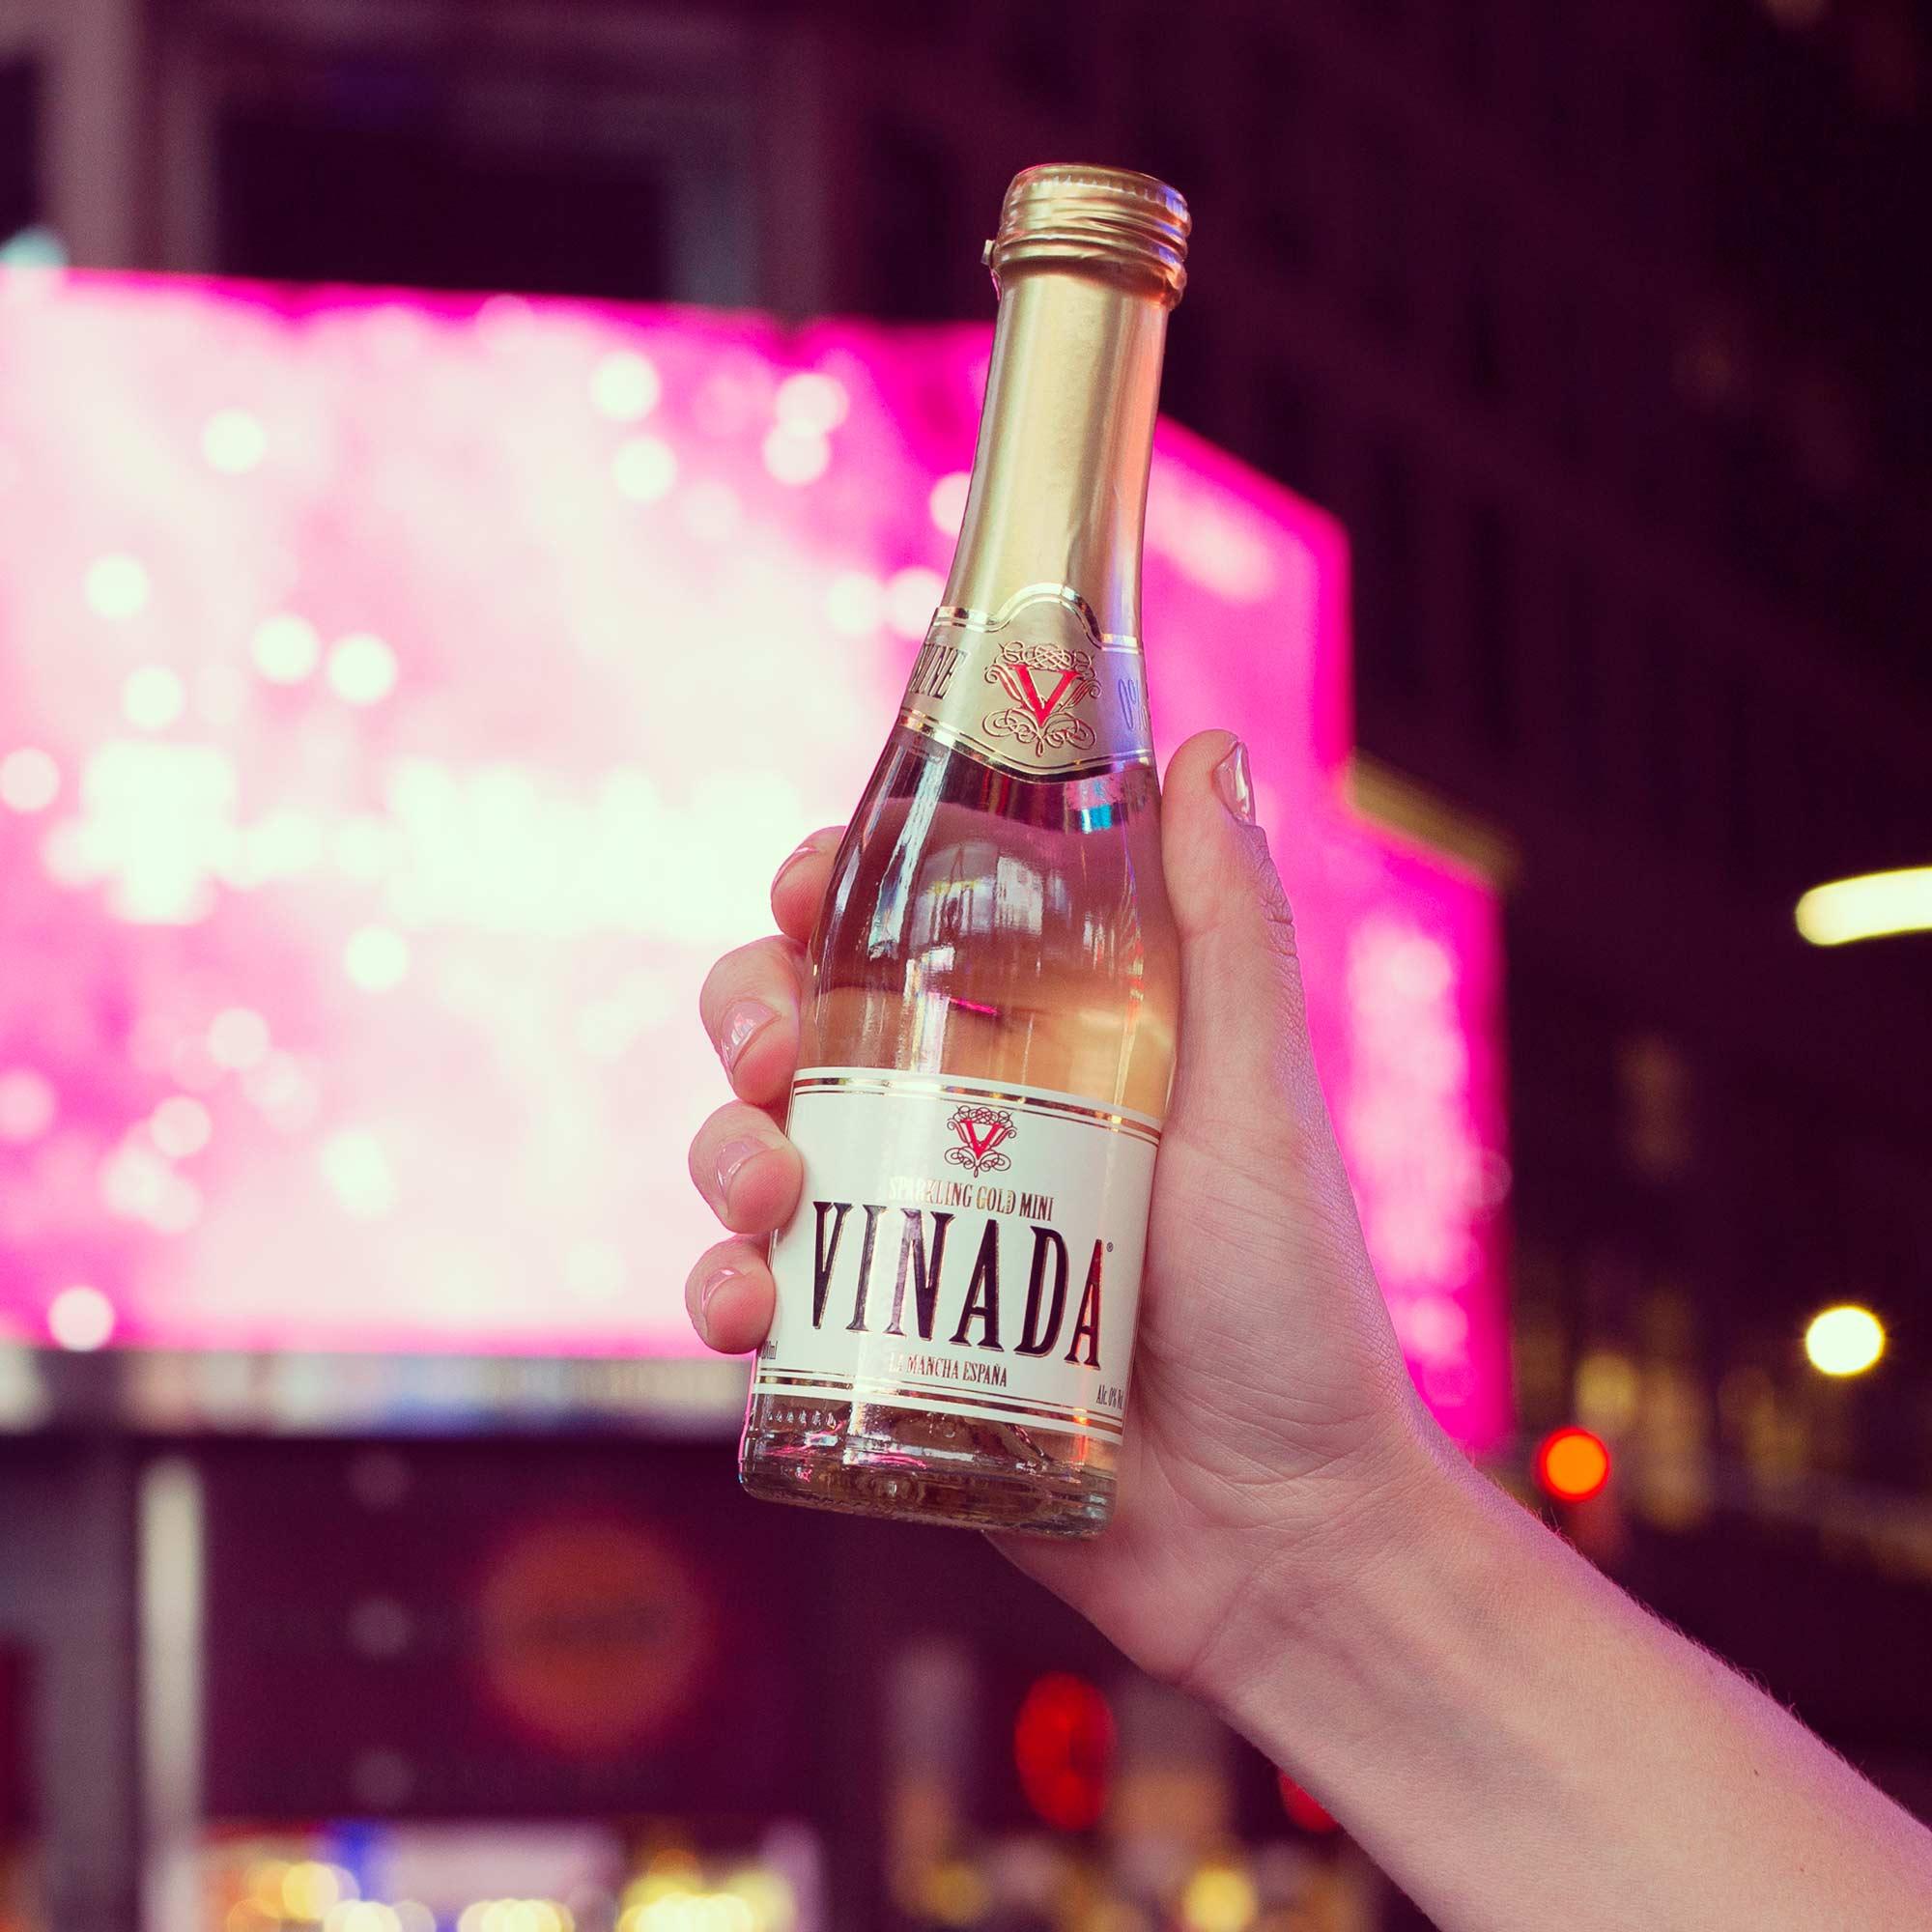 Vinada-New-York-Times-Square(LQ).jpg